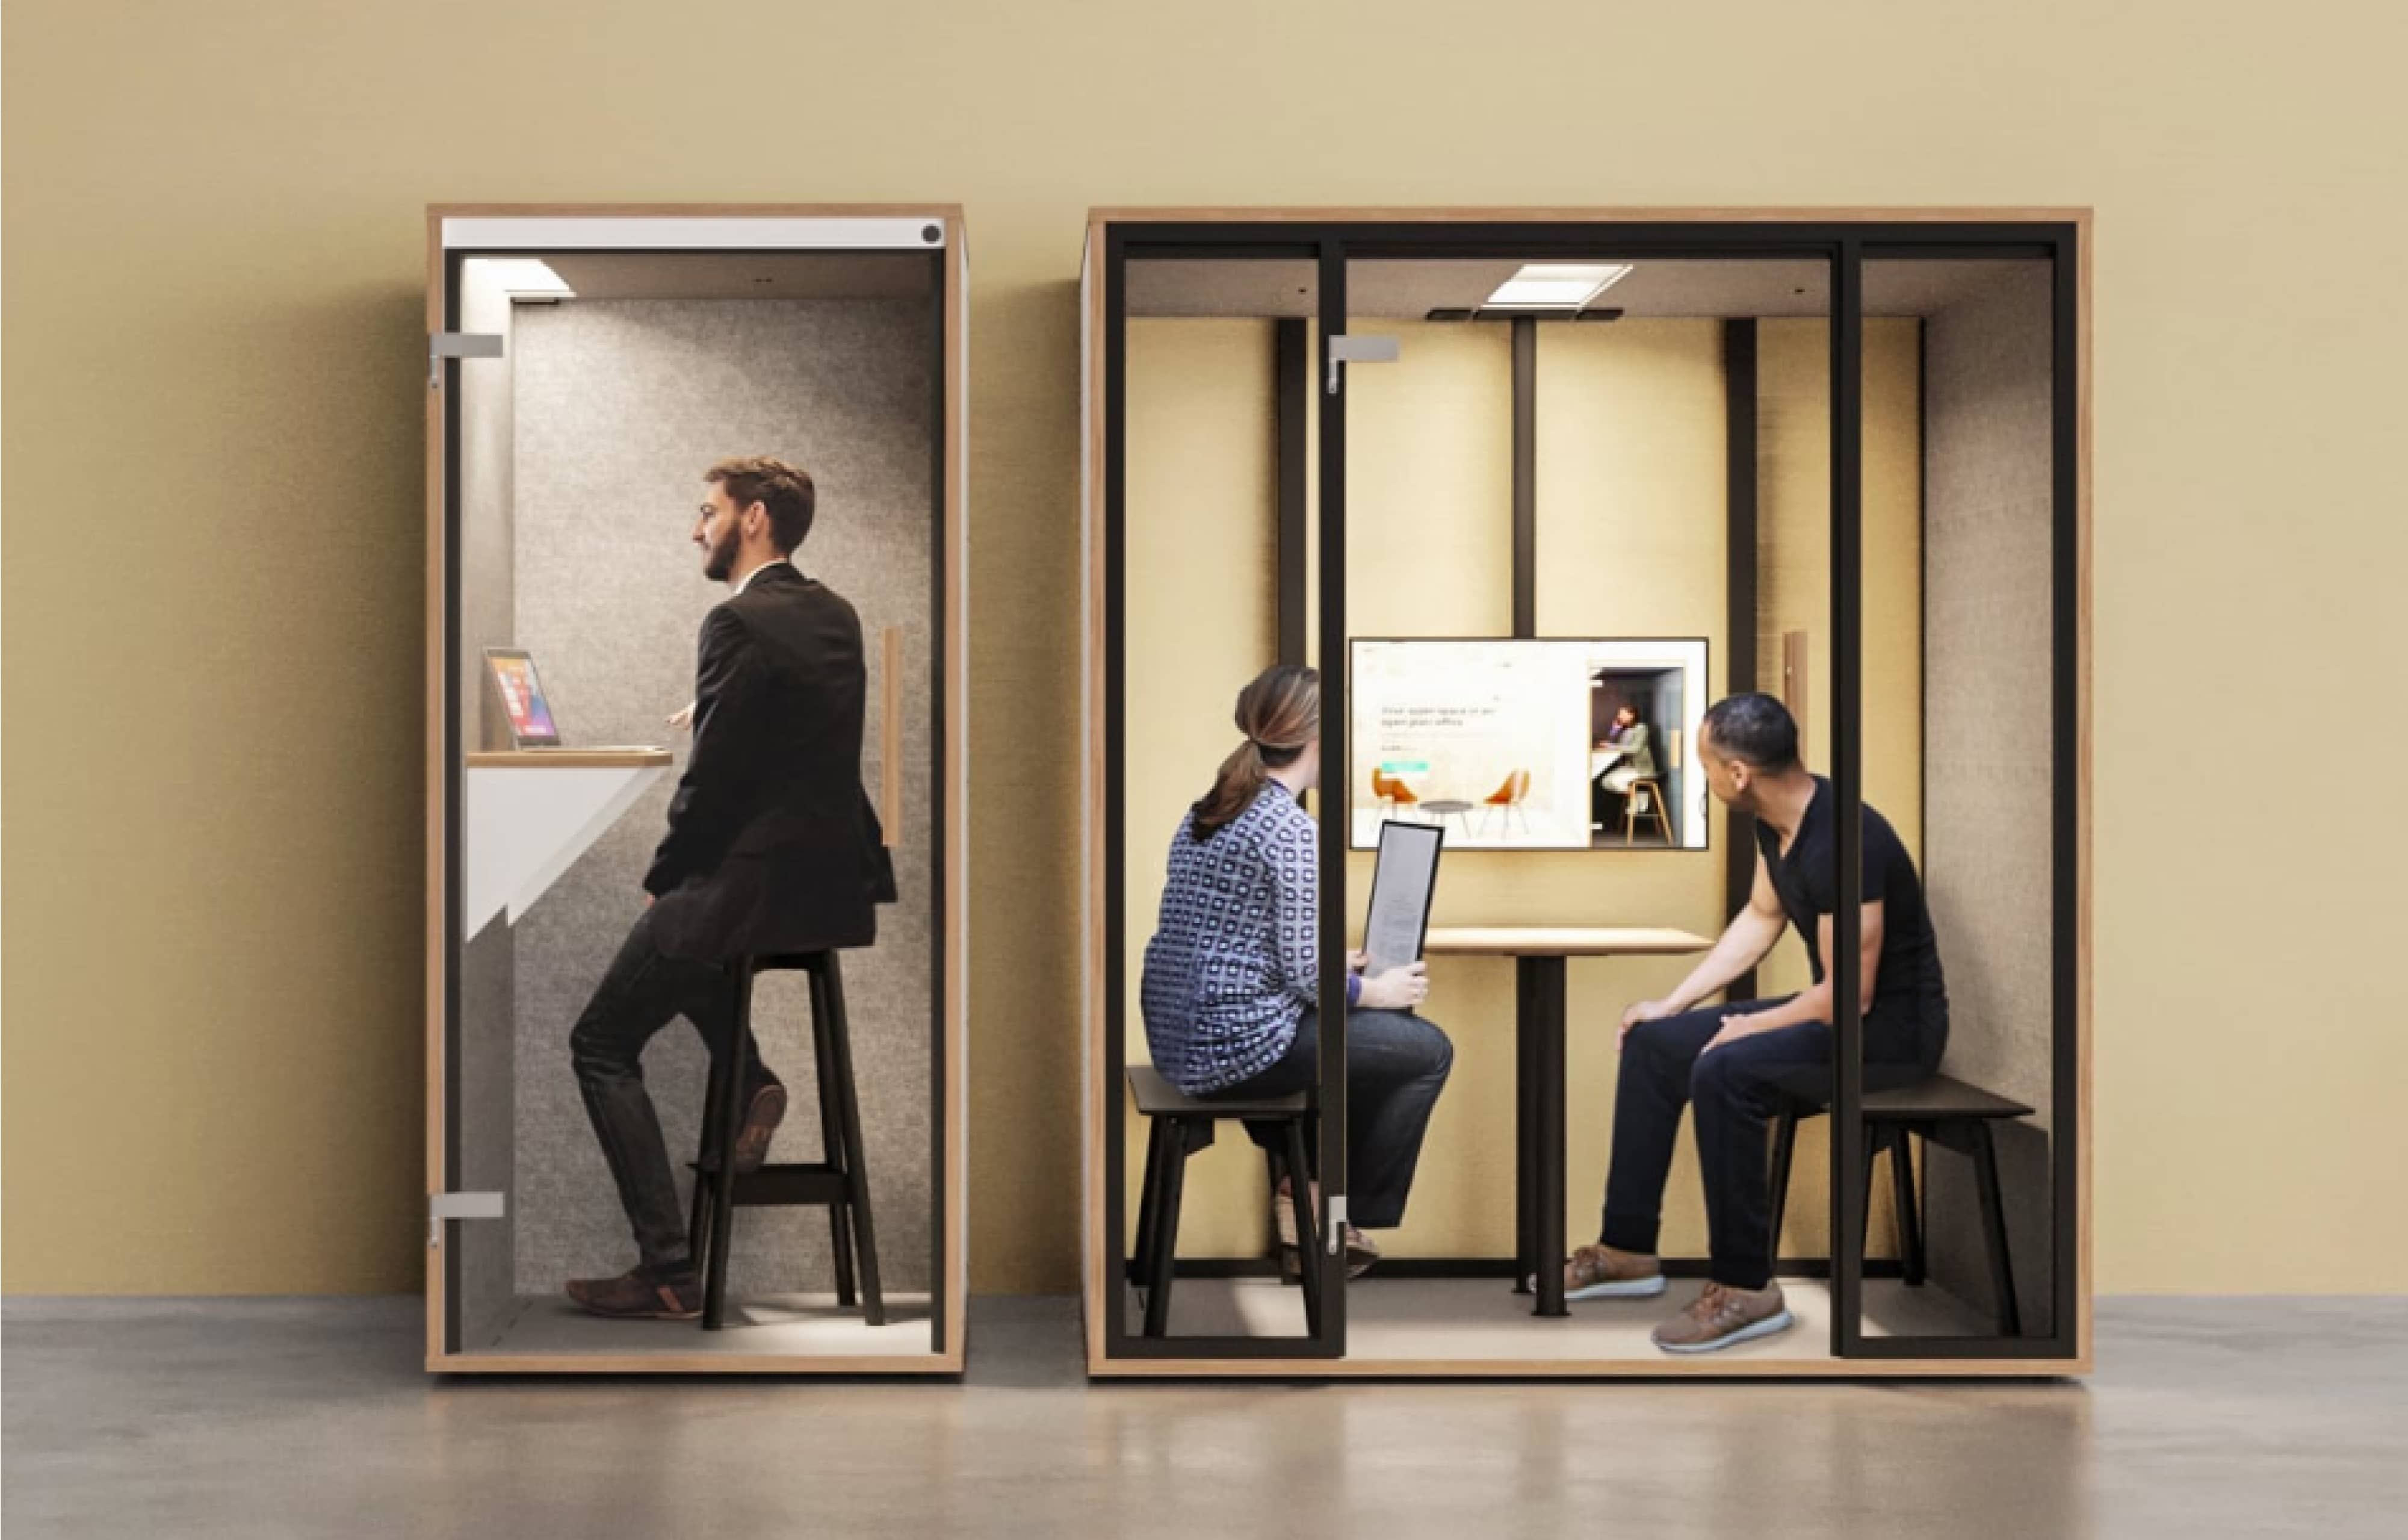 Ein Mitarbeiter sitzt in einer Telefonbox im Büro und telefoniert. Zwei weitere stzen in einer Meetingbox und reden.